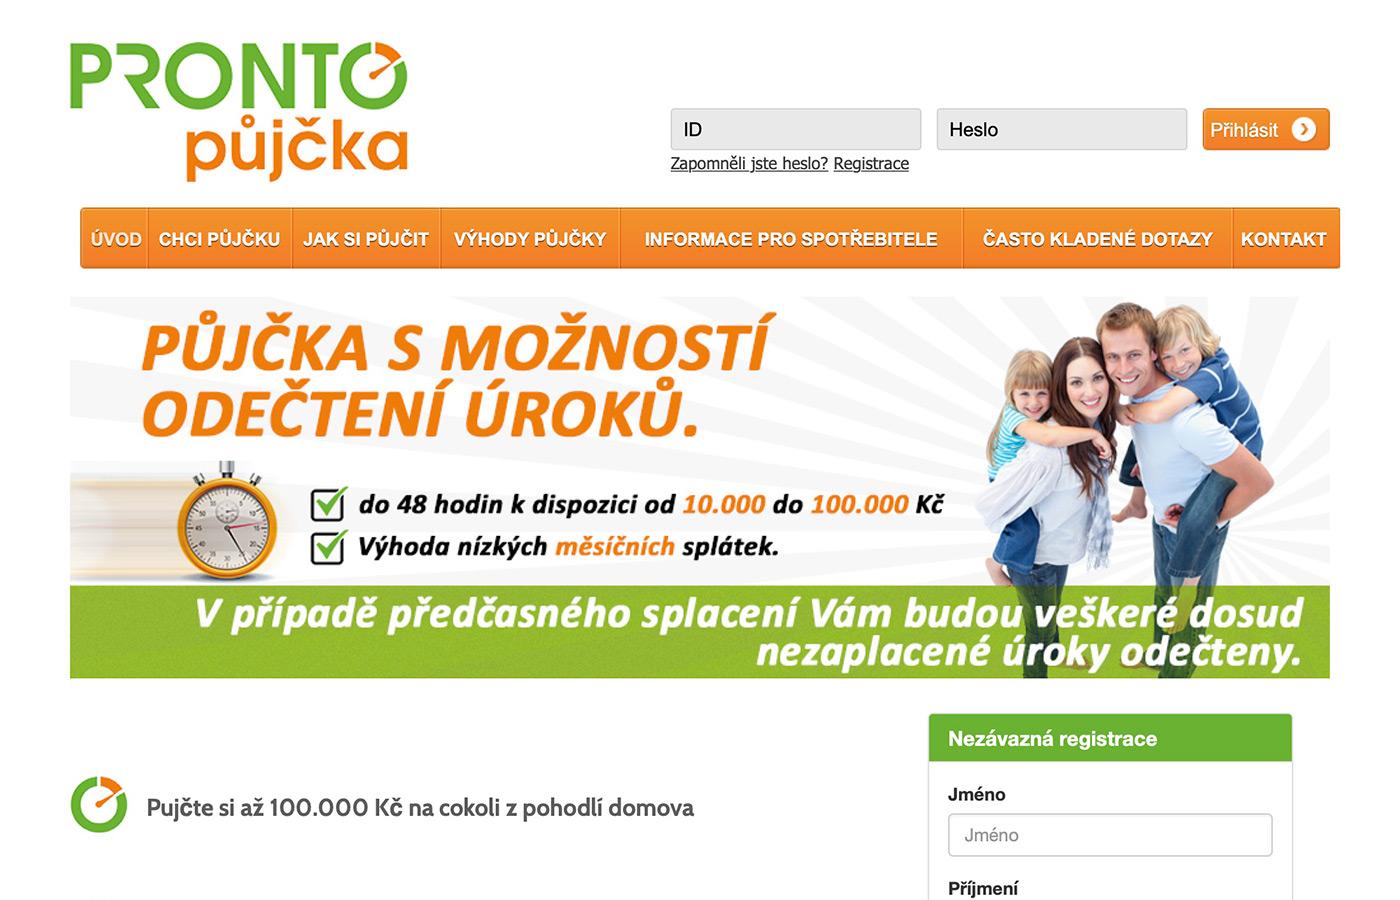 Náhled webu https://prontopujcka.cz